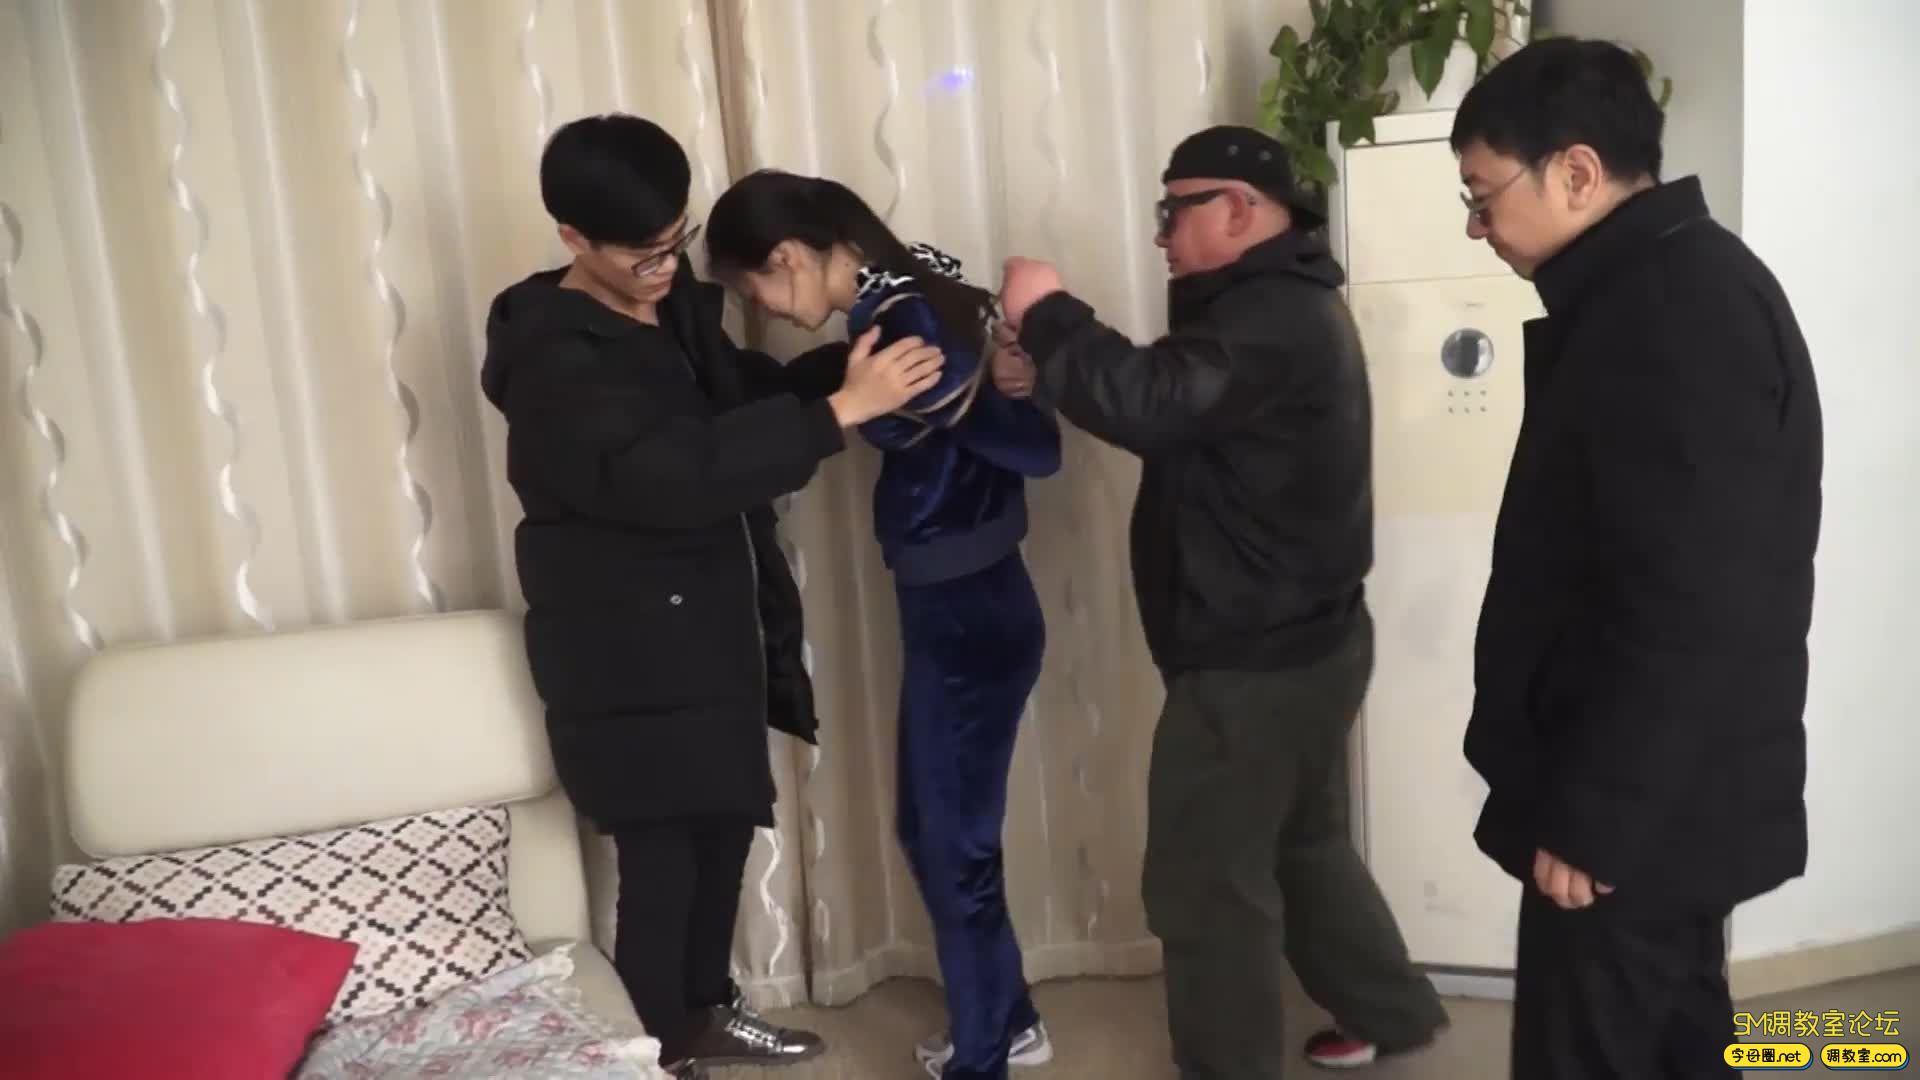 逍遥定制_缚美礼品商店第三季 第三集+第四集 高级玩家-视频截图5